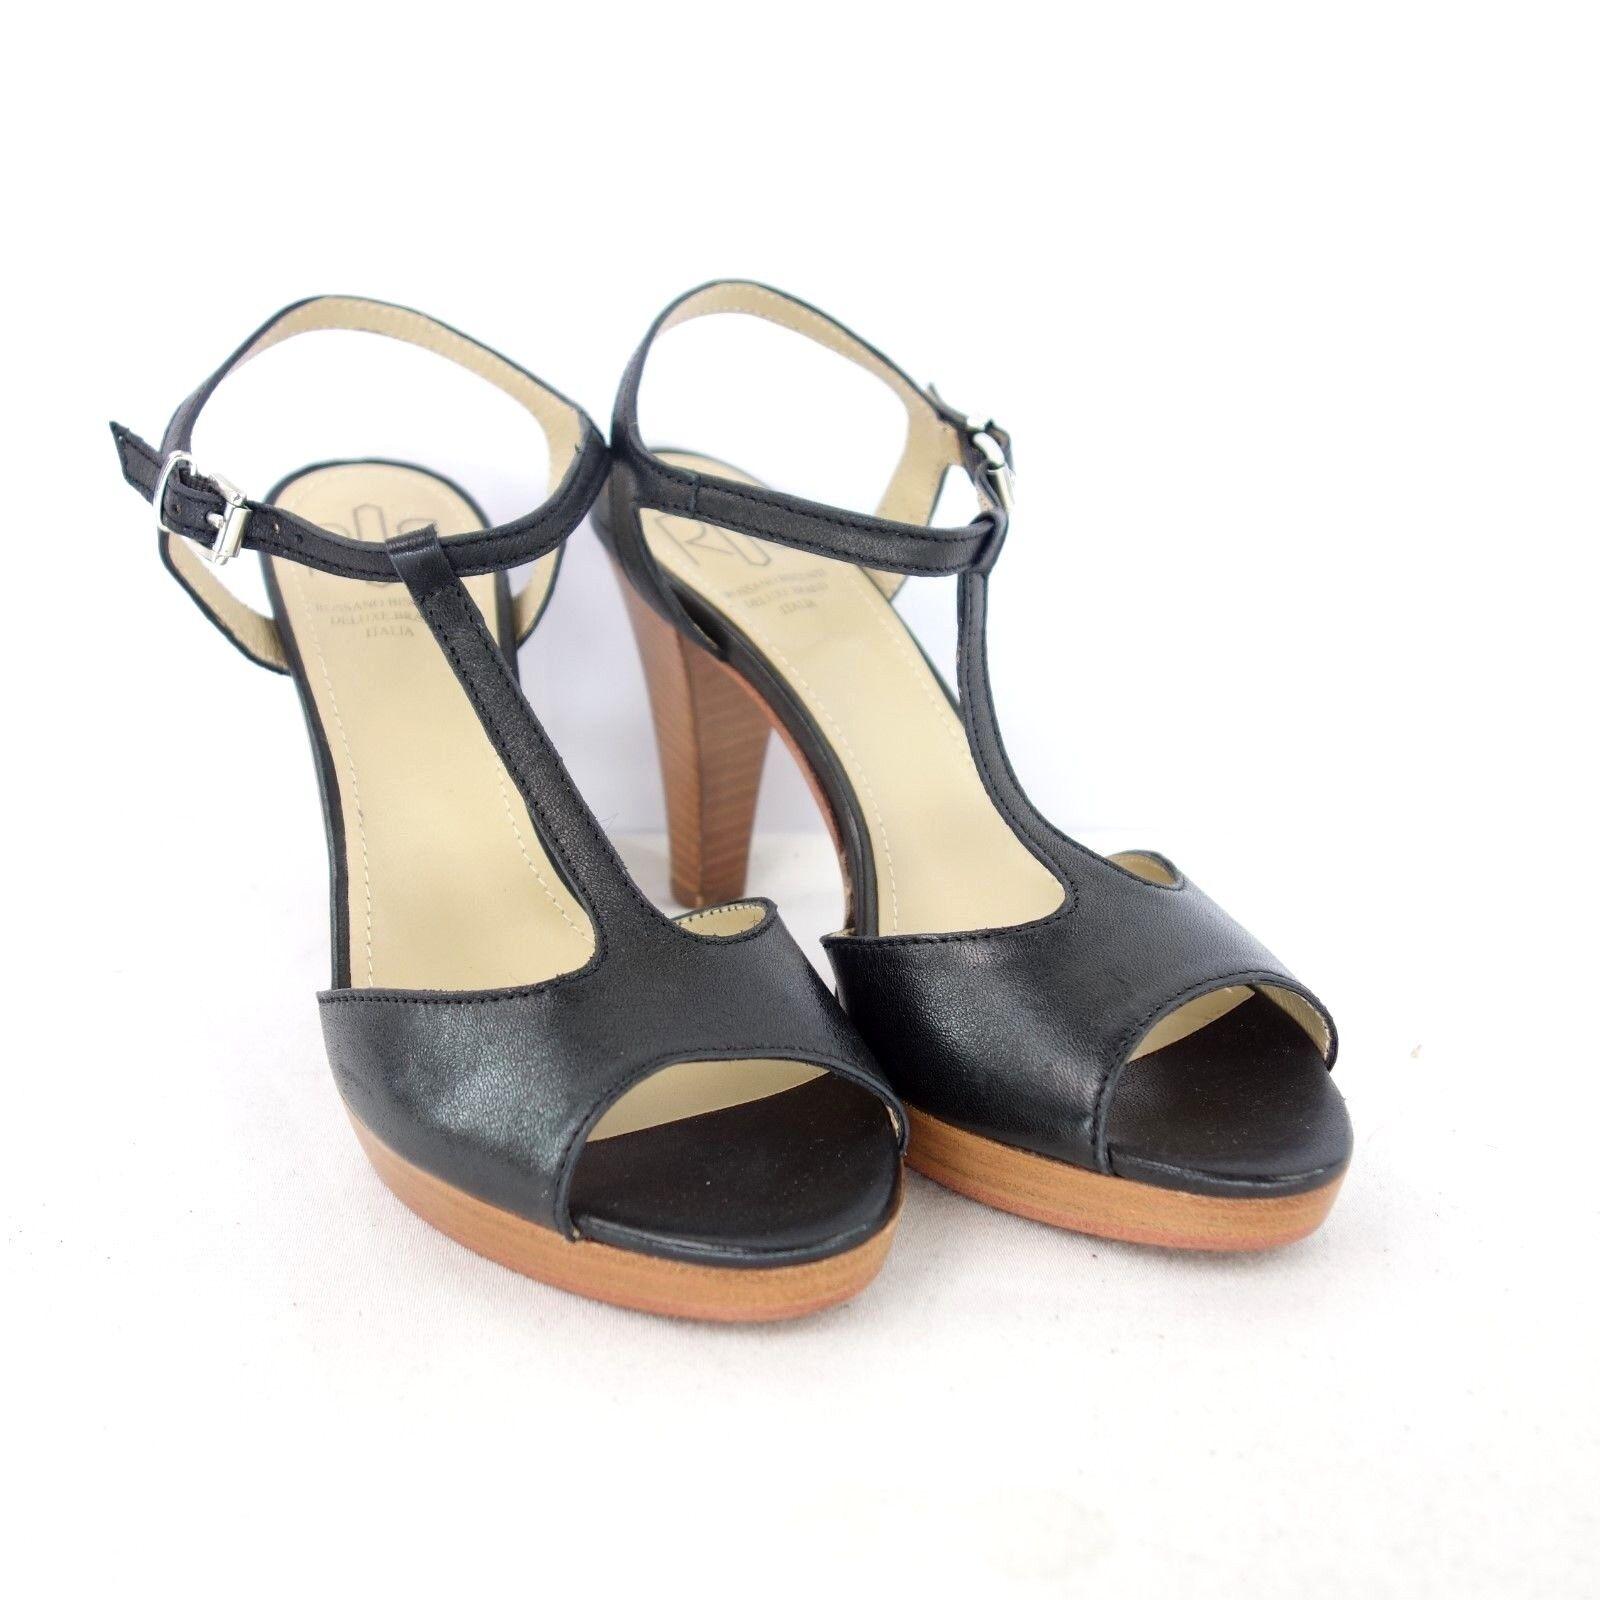 ROSSANO BISCONTI Damen Sandaletten Schuhe 37 Schwarz Leder T String NP 165 NEU